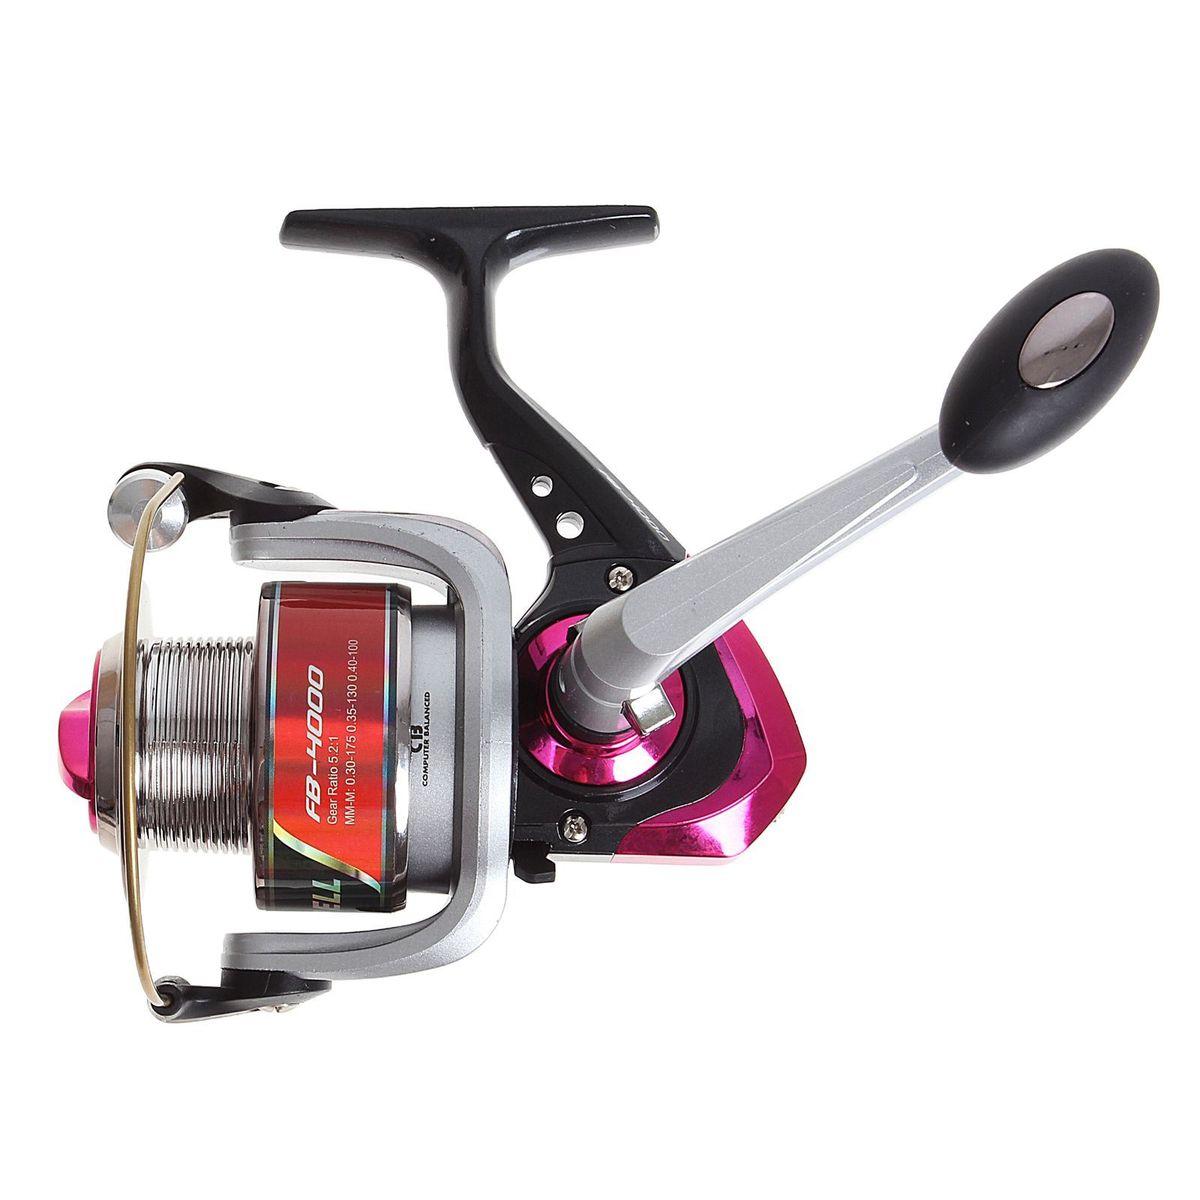 Катушка безынерционная Onlitop 1BB FB 4000, цвет: красный, 1 подшипникMABLSEH10001Катушка 1BB FB 4000 это универсальная модель «эконом»-класса для разных условий рыбалки, отличный выбор для начинающих рыболовов.